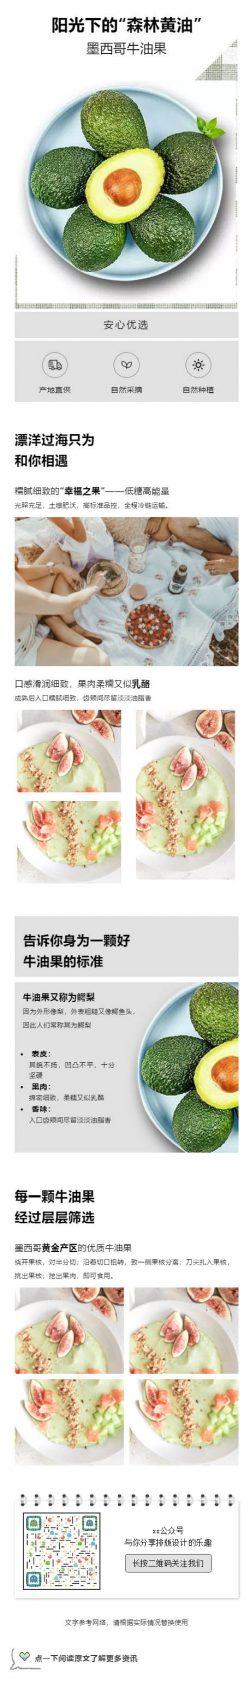 墨西哥牛油果水果电商微商素材模板产品介绍单品推文模板